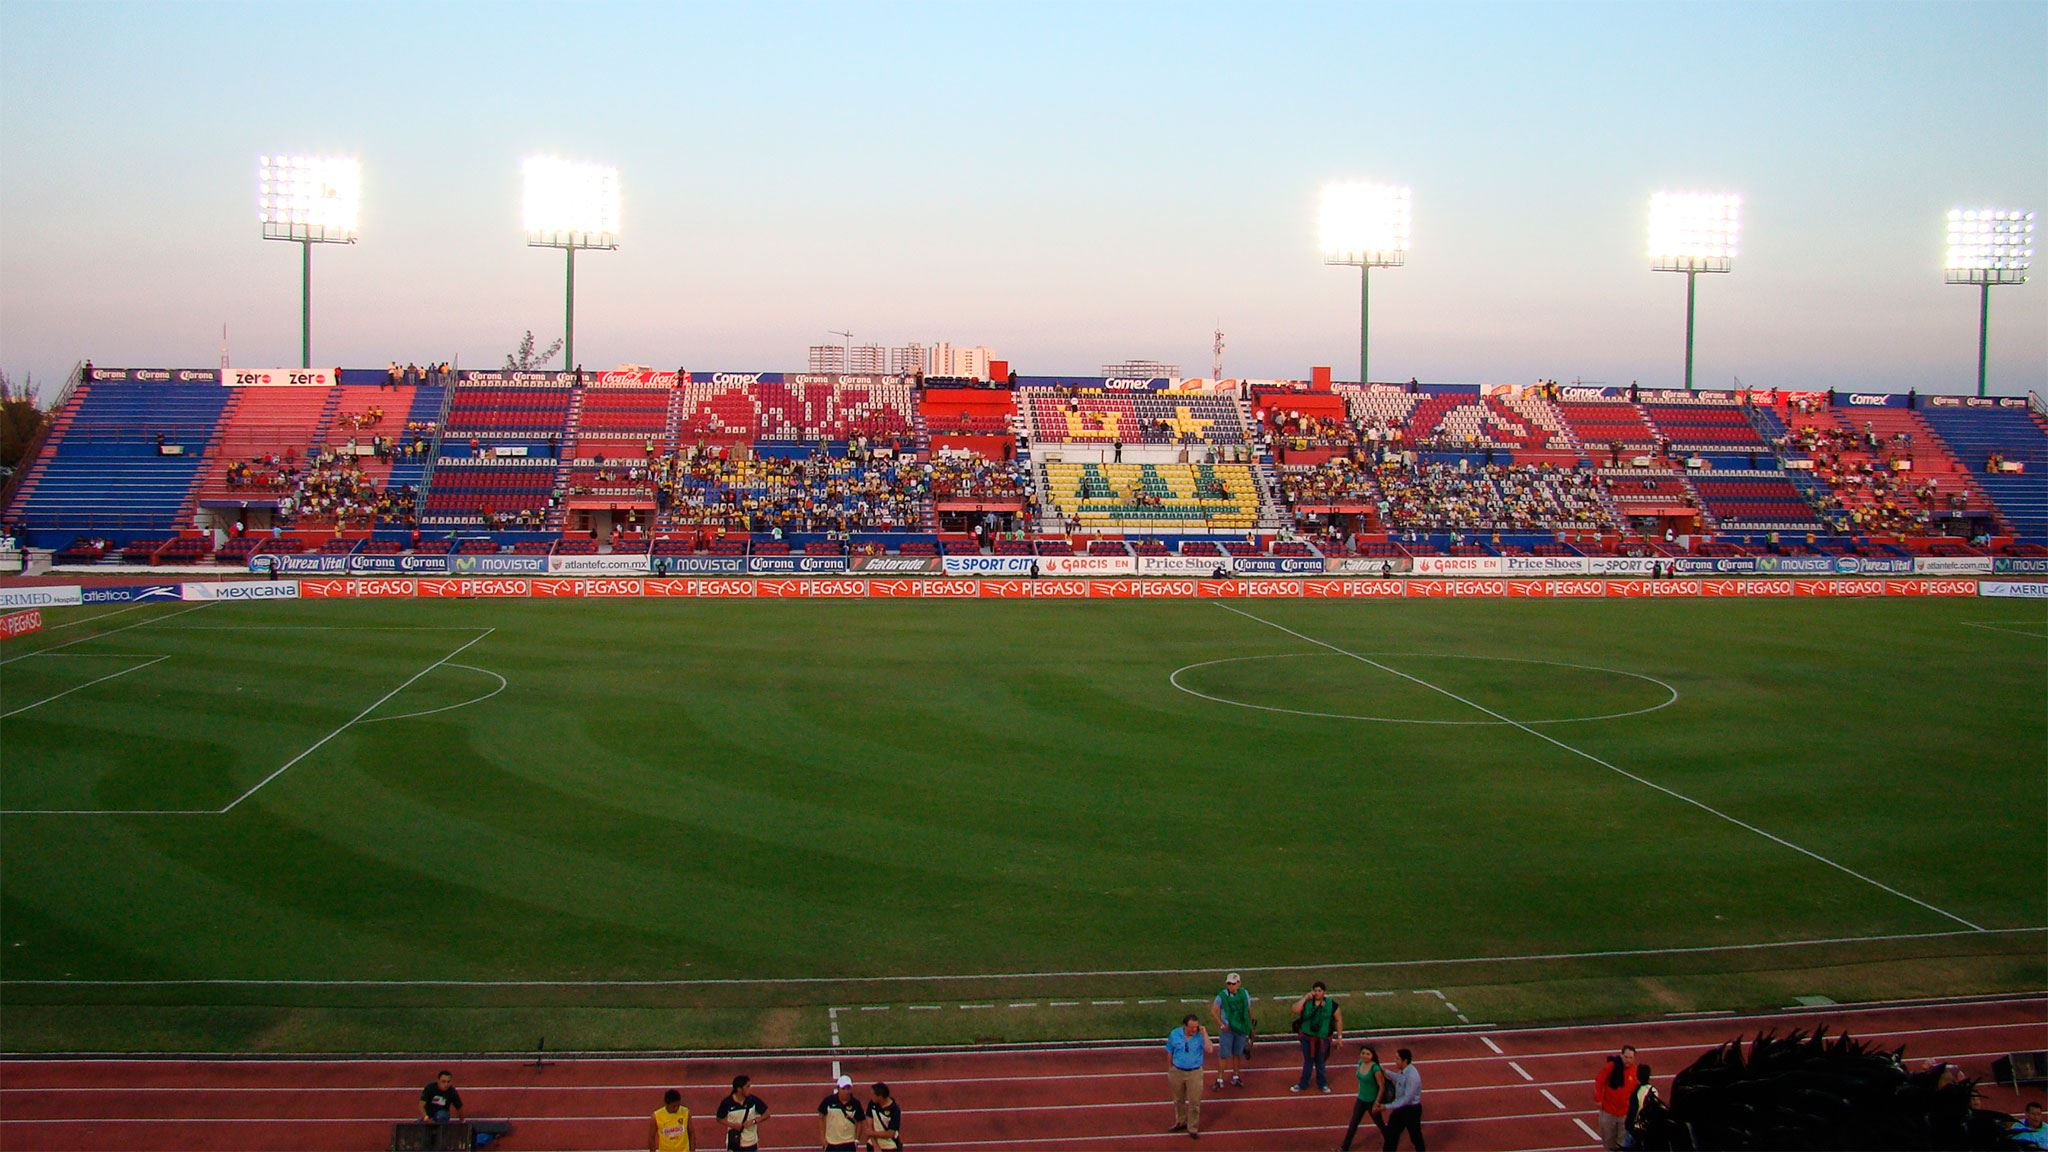 Ascenso Menos Aficionados Estadios Alebrijes Oaxaca